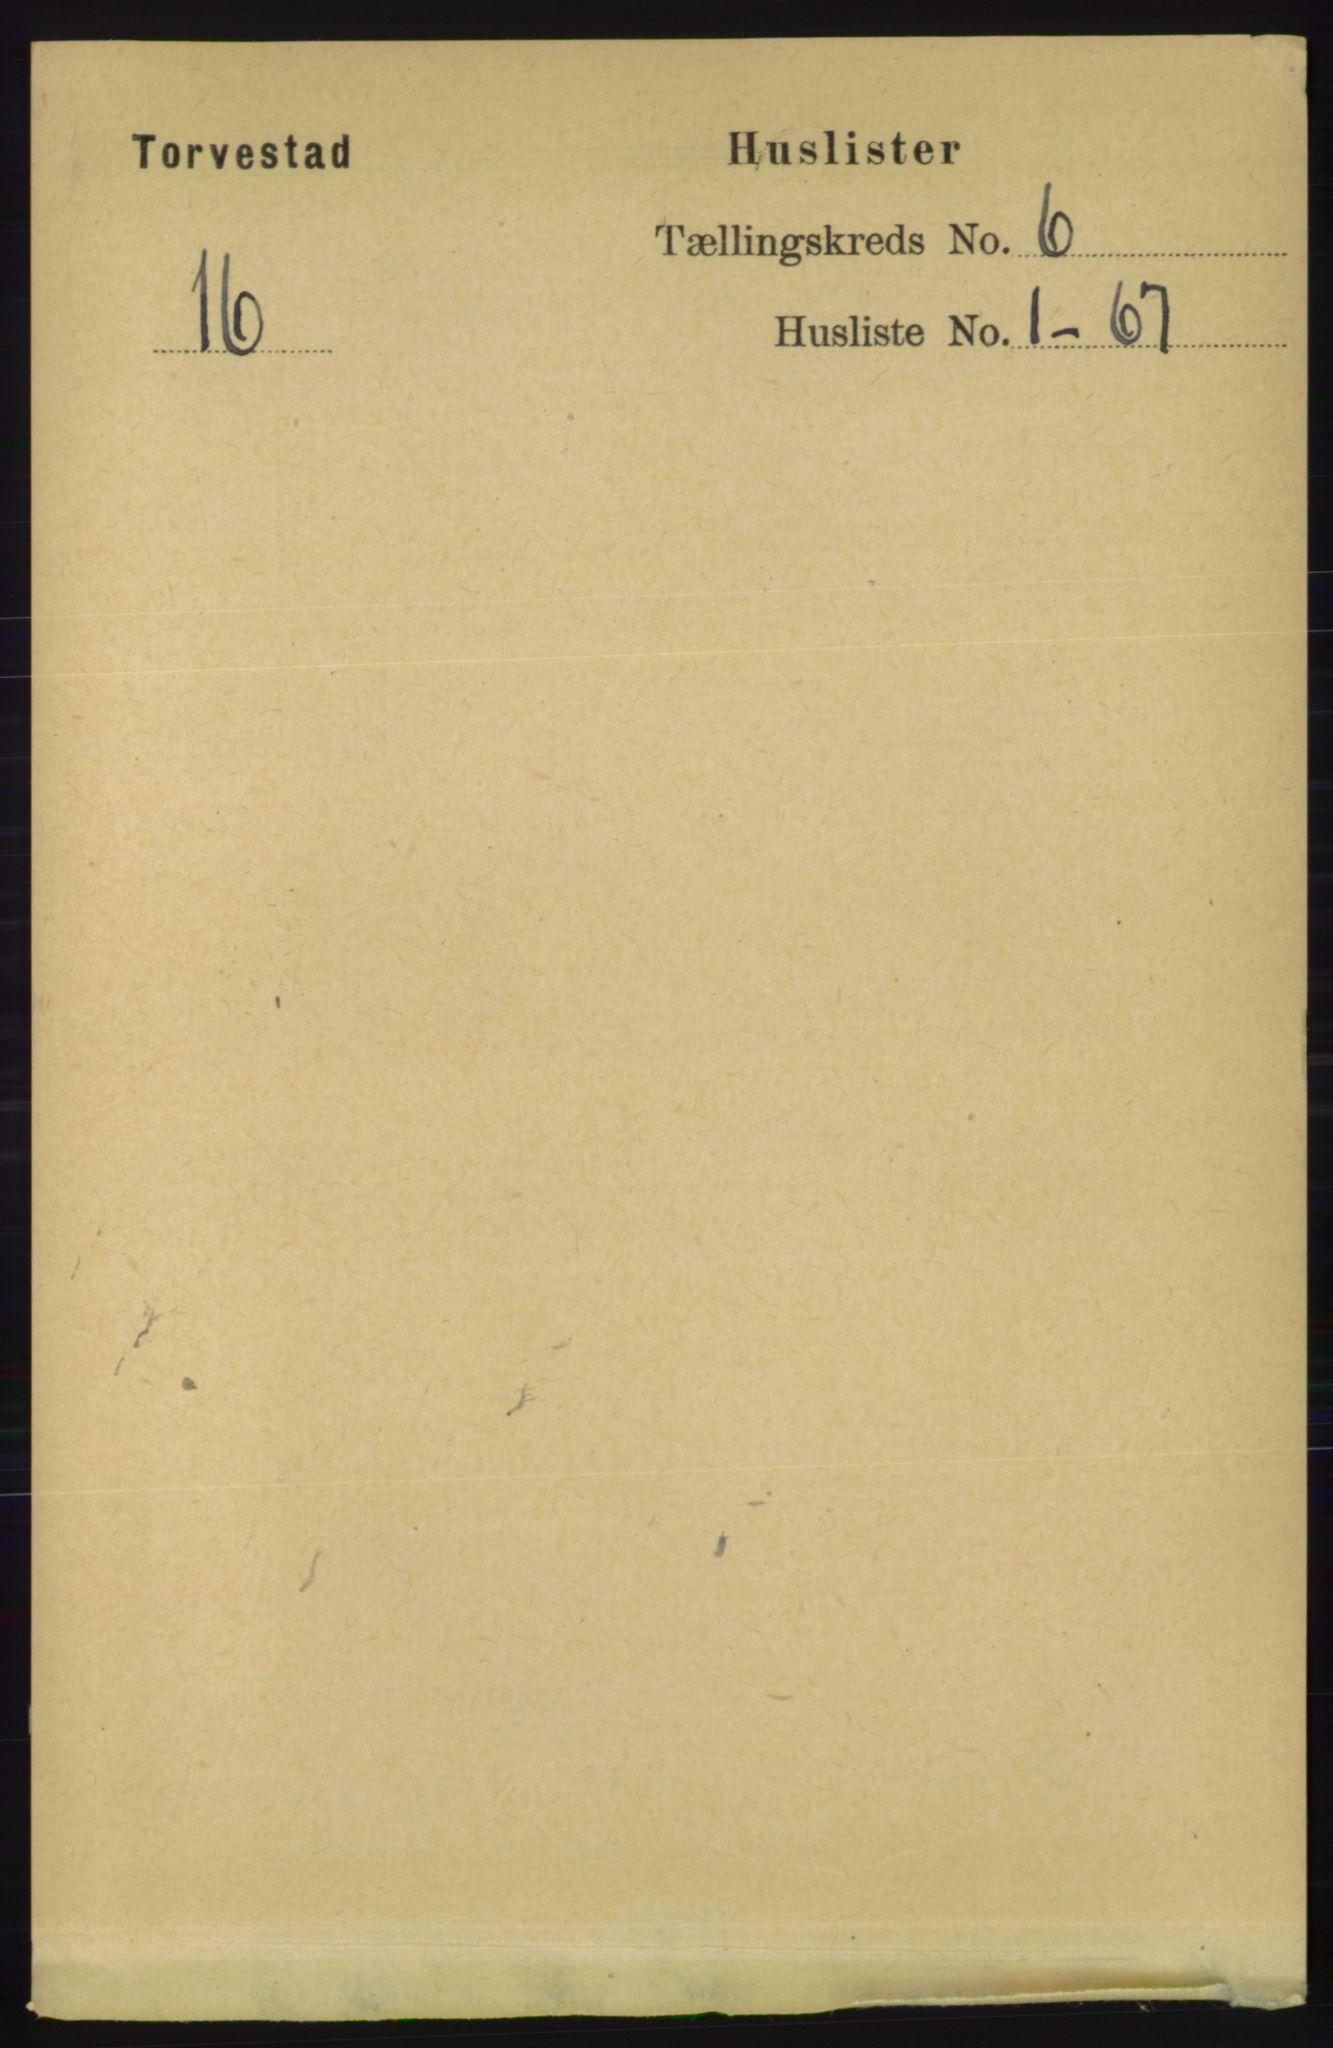 RA, Folketelling 1891 for 1152 Torvastad herred, 1891, s. 1923